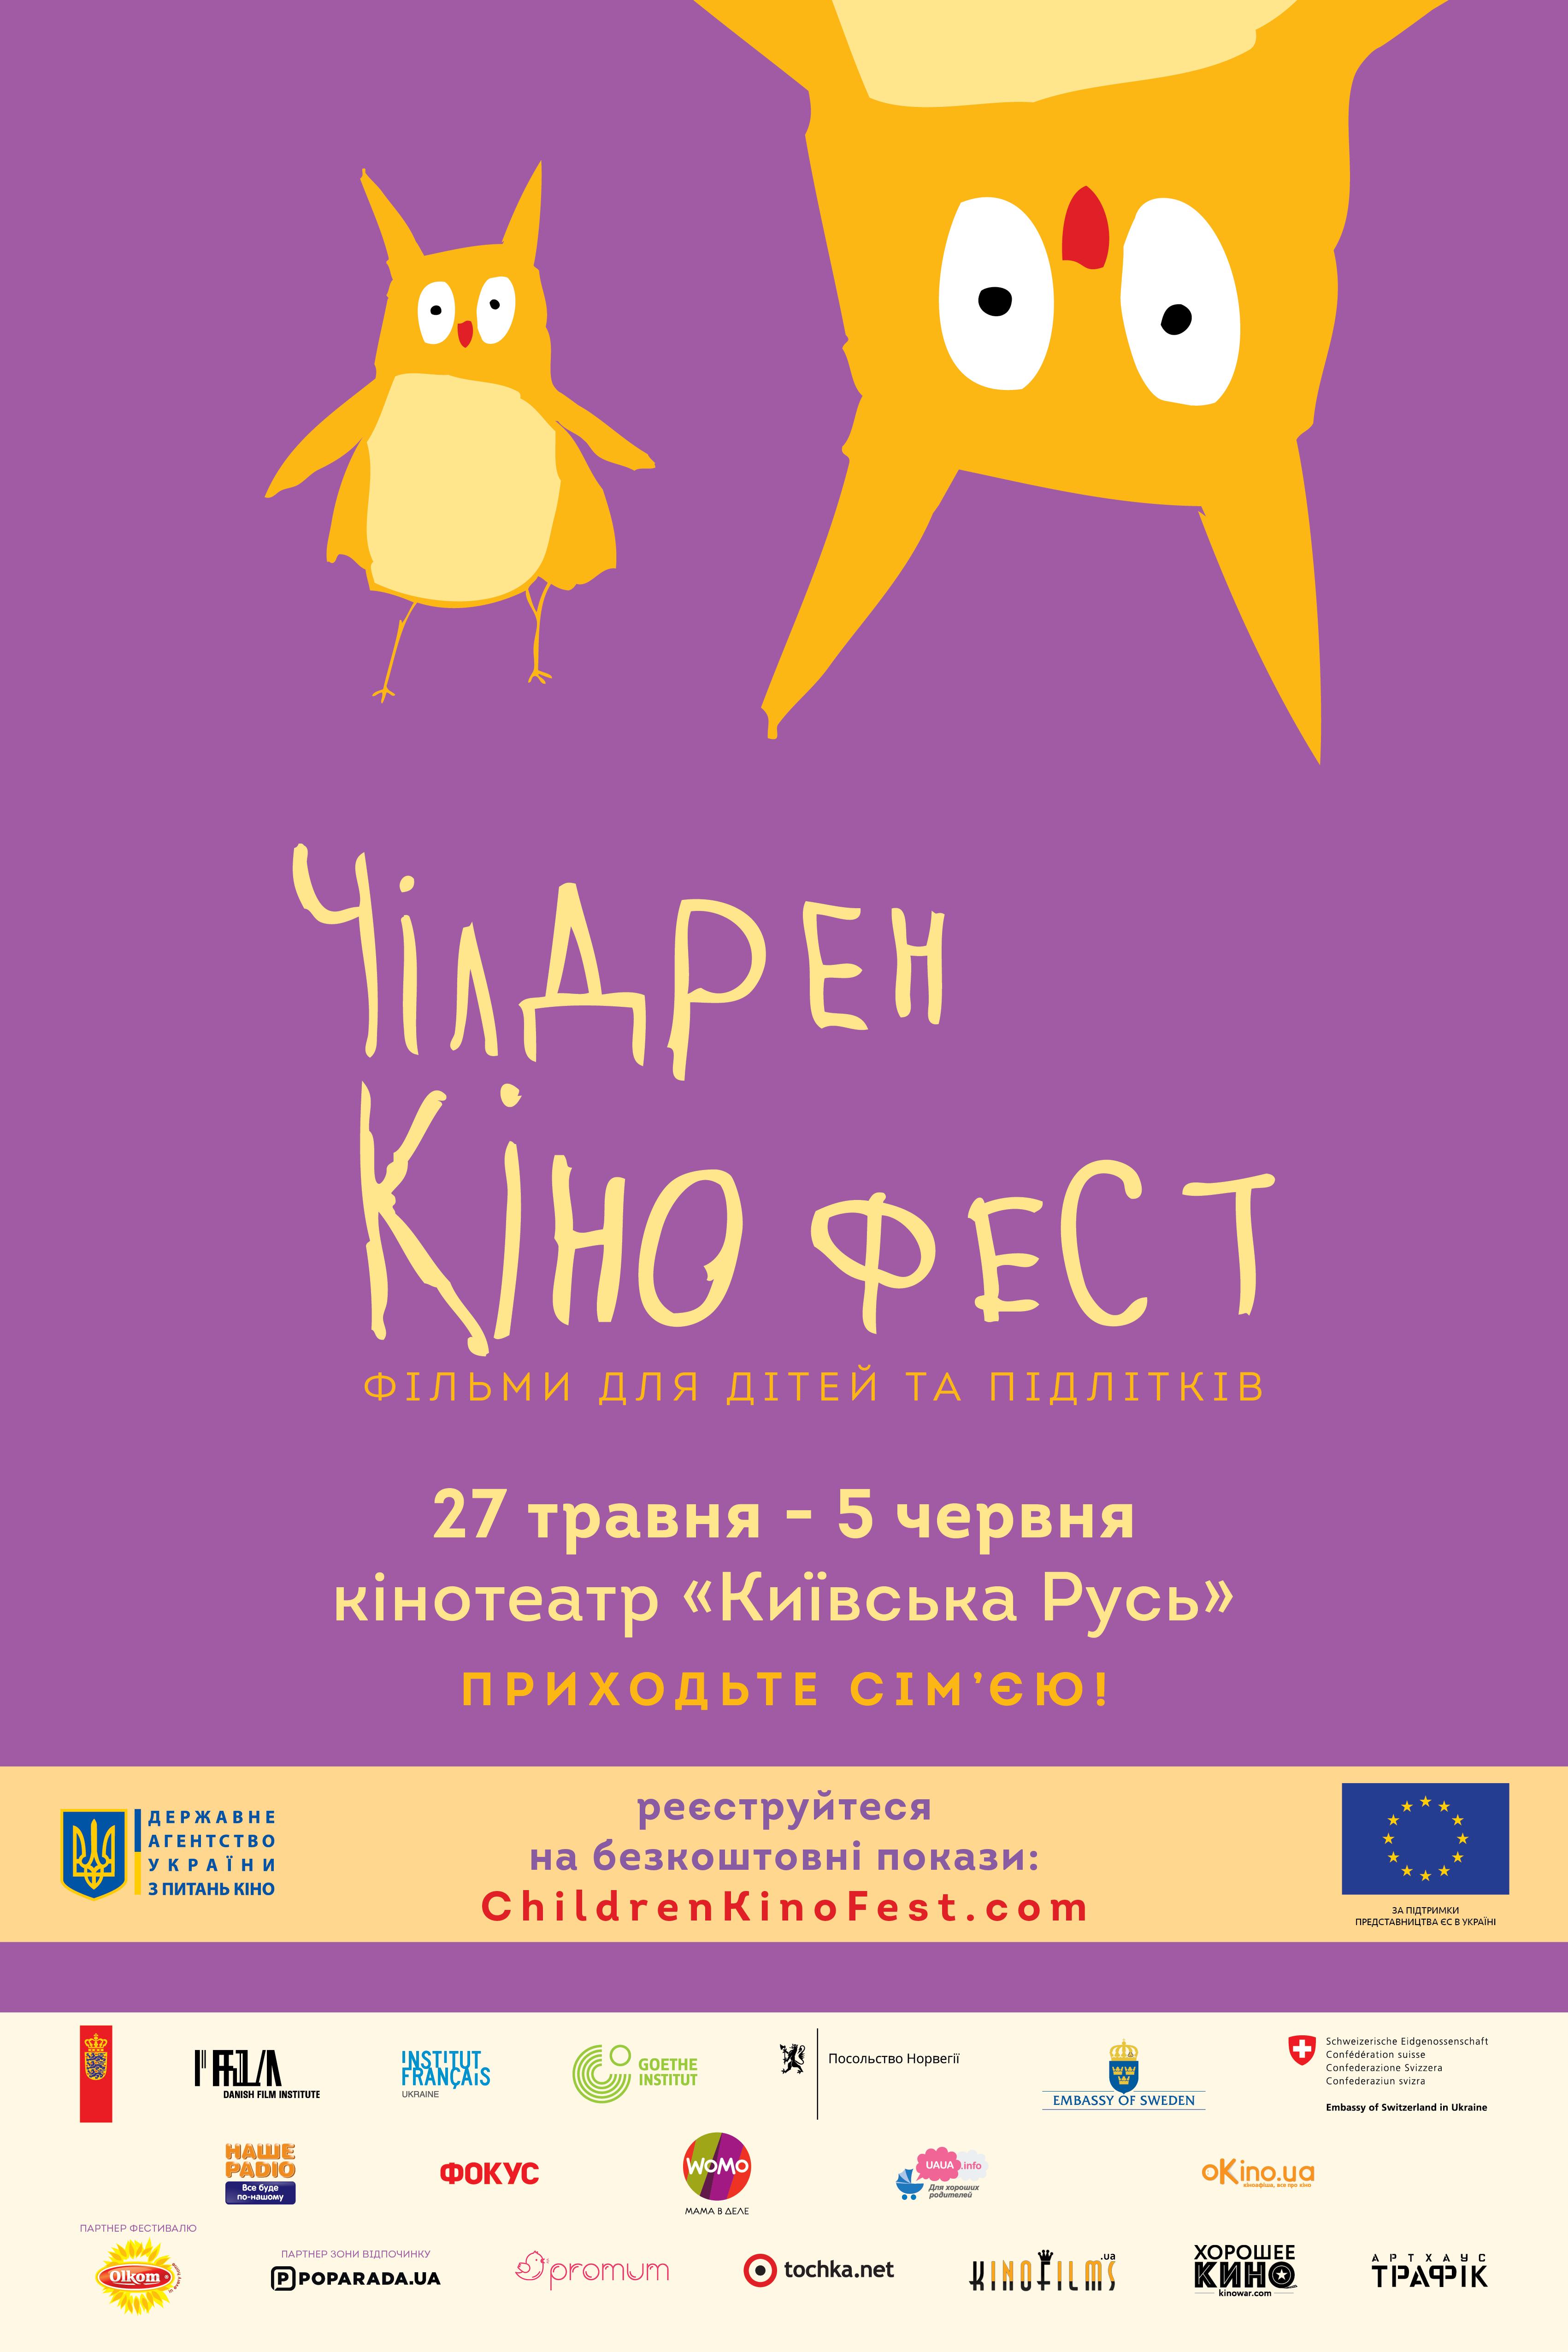 Чилдрен кинофест Украина